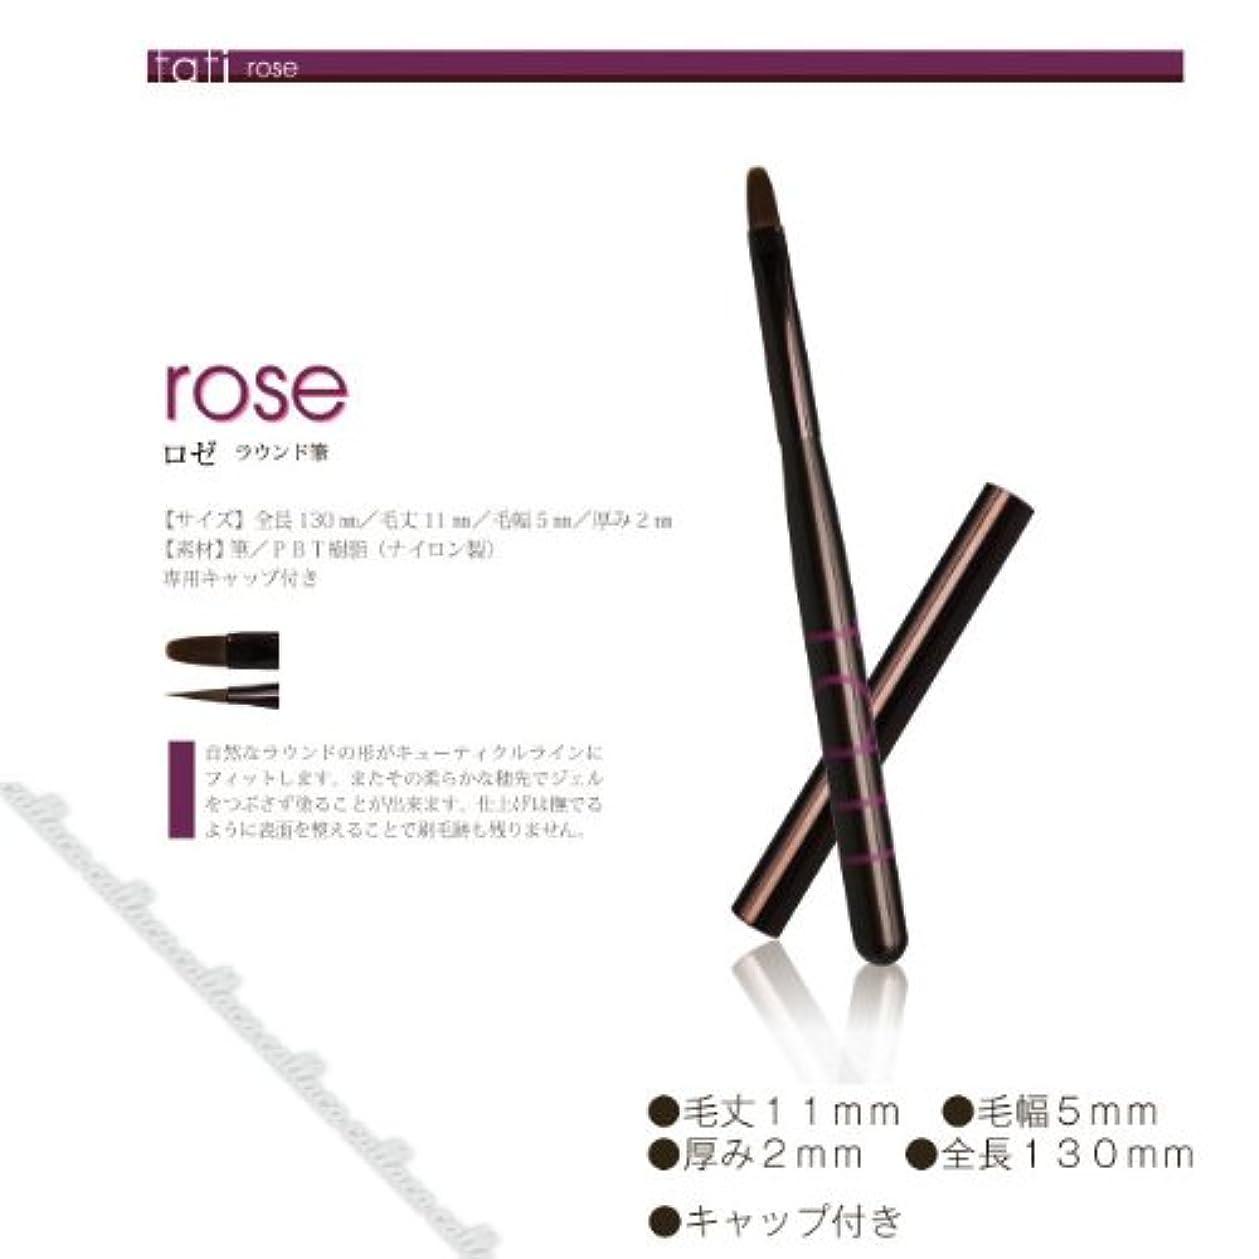 レタスフォルダ恥ずかしいtati ジェル ブラシアートショコラ rose (ロゼ)